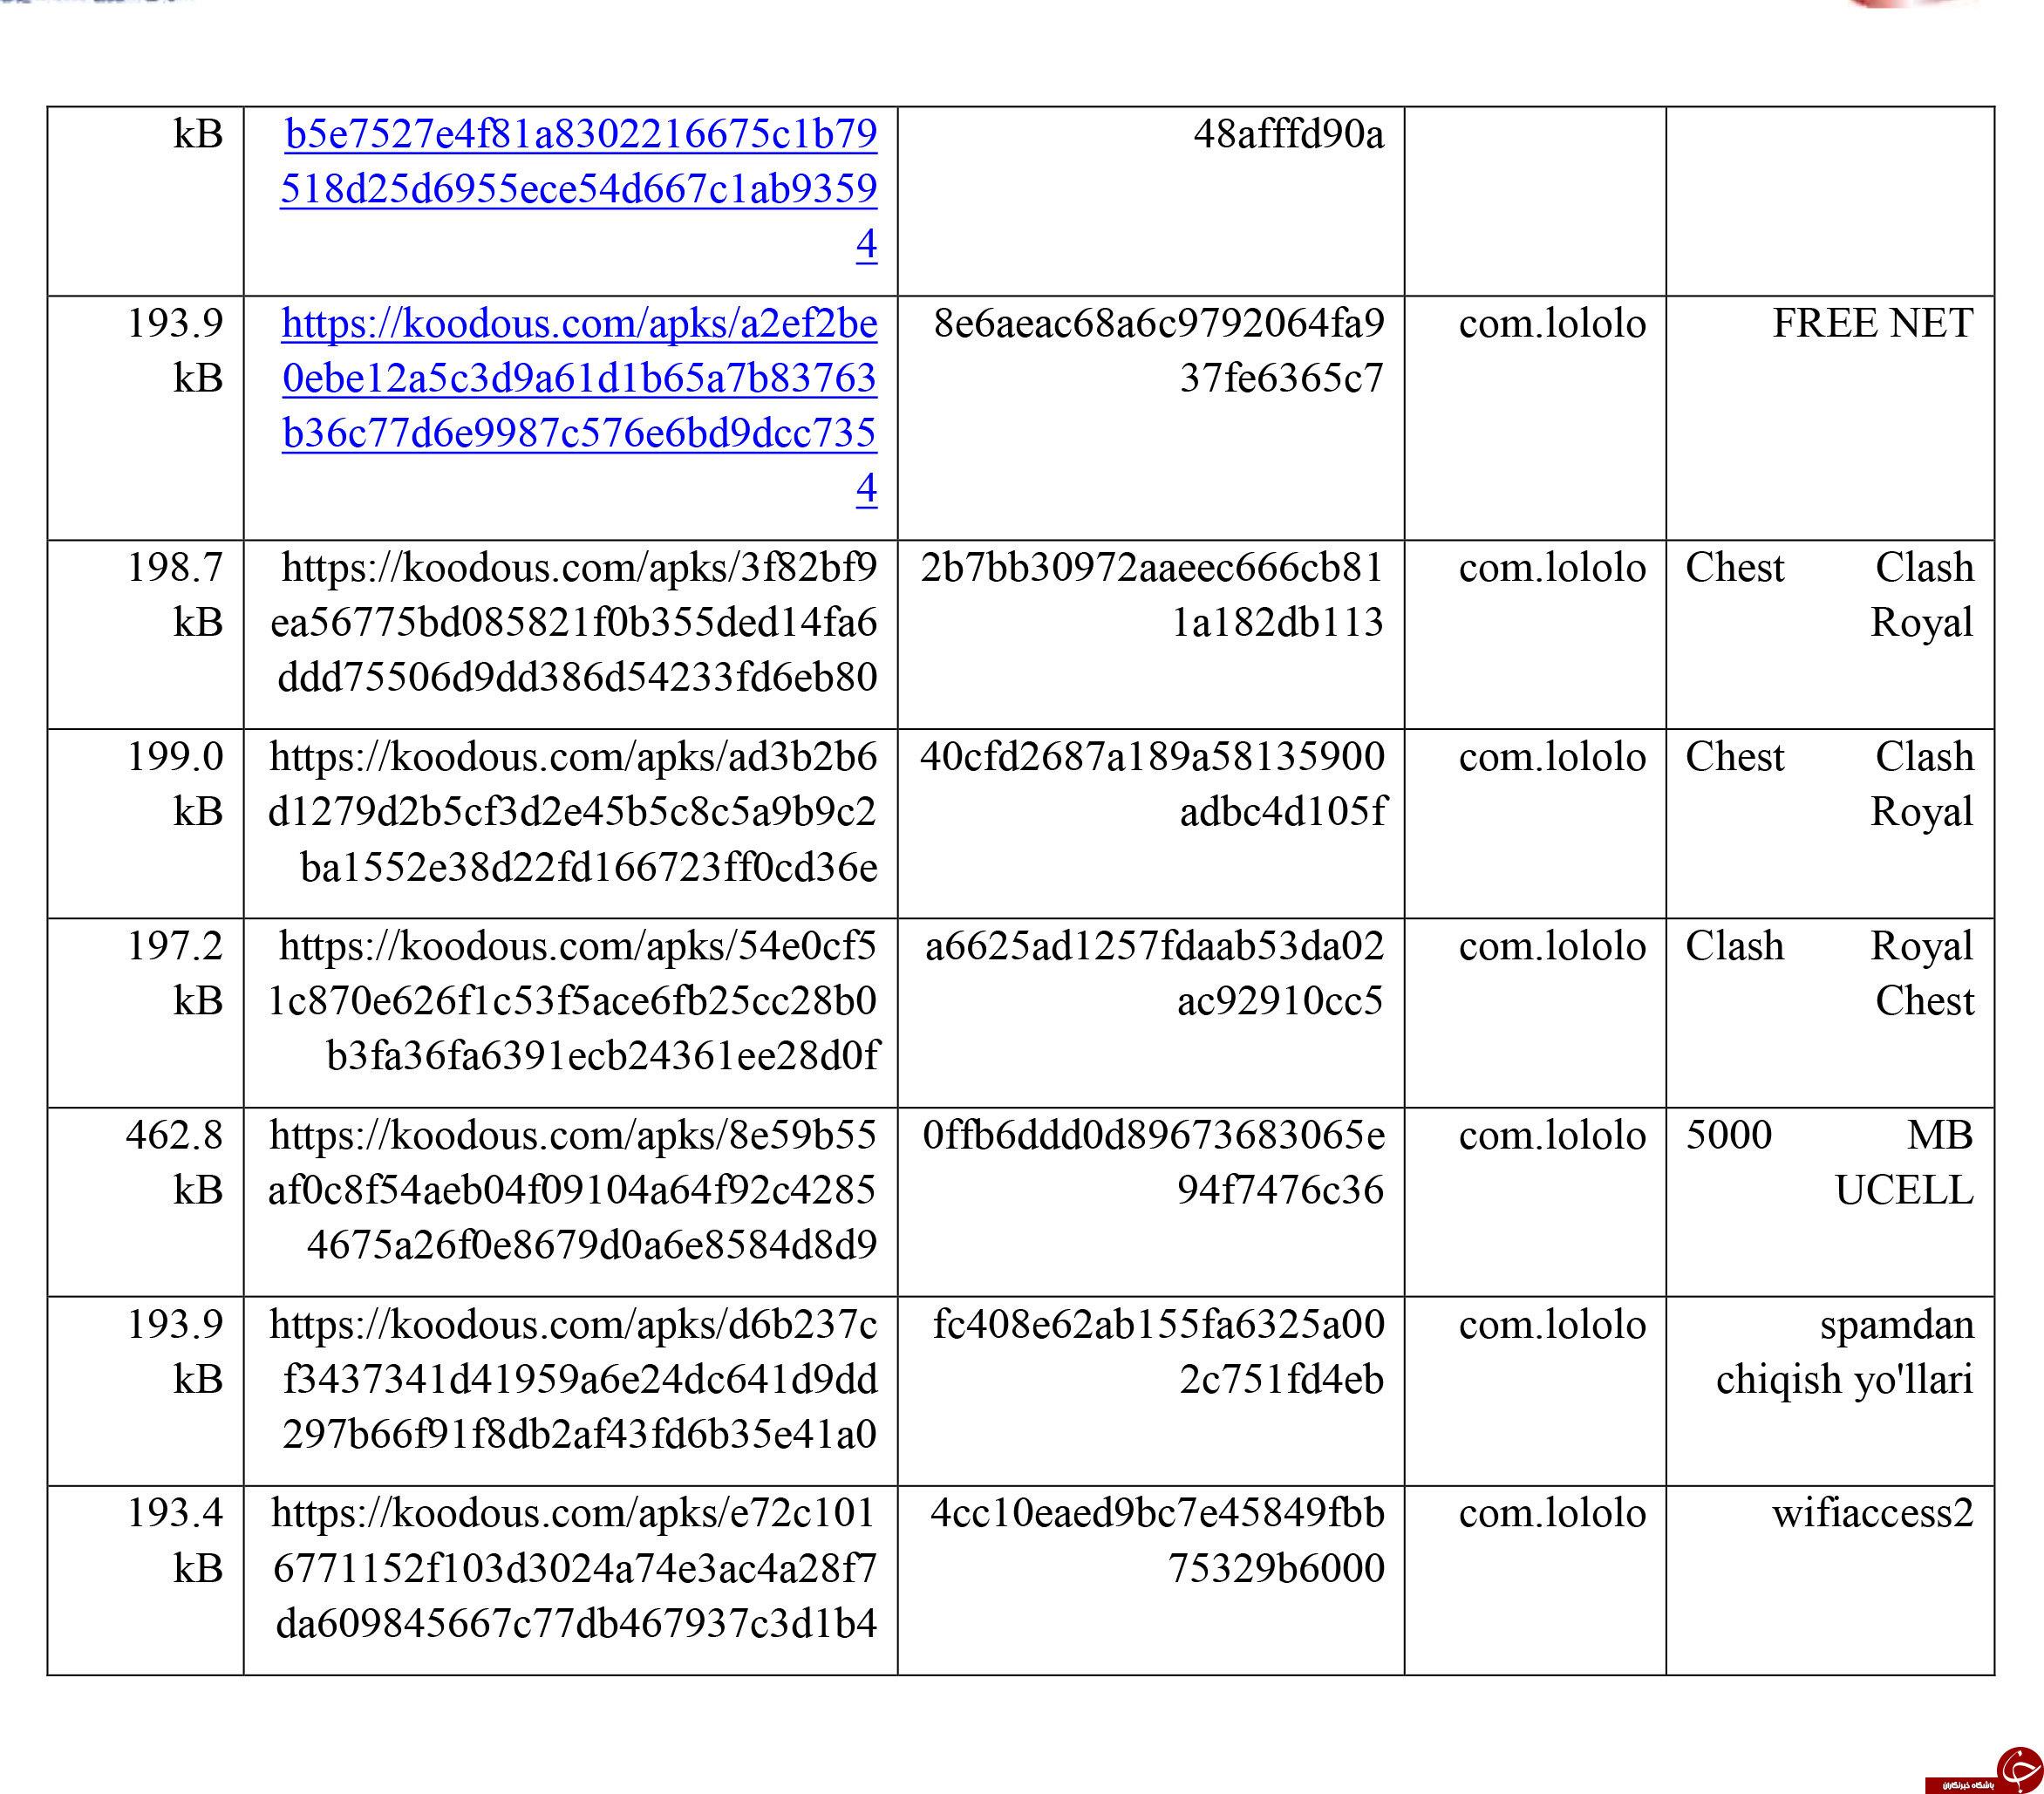 تهدید سرقت اطلاعات کاربران تلگرام با انتشار باج افزار زئوس+ لیست برنامههای دارای باج افزار